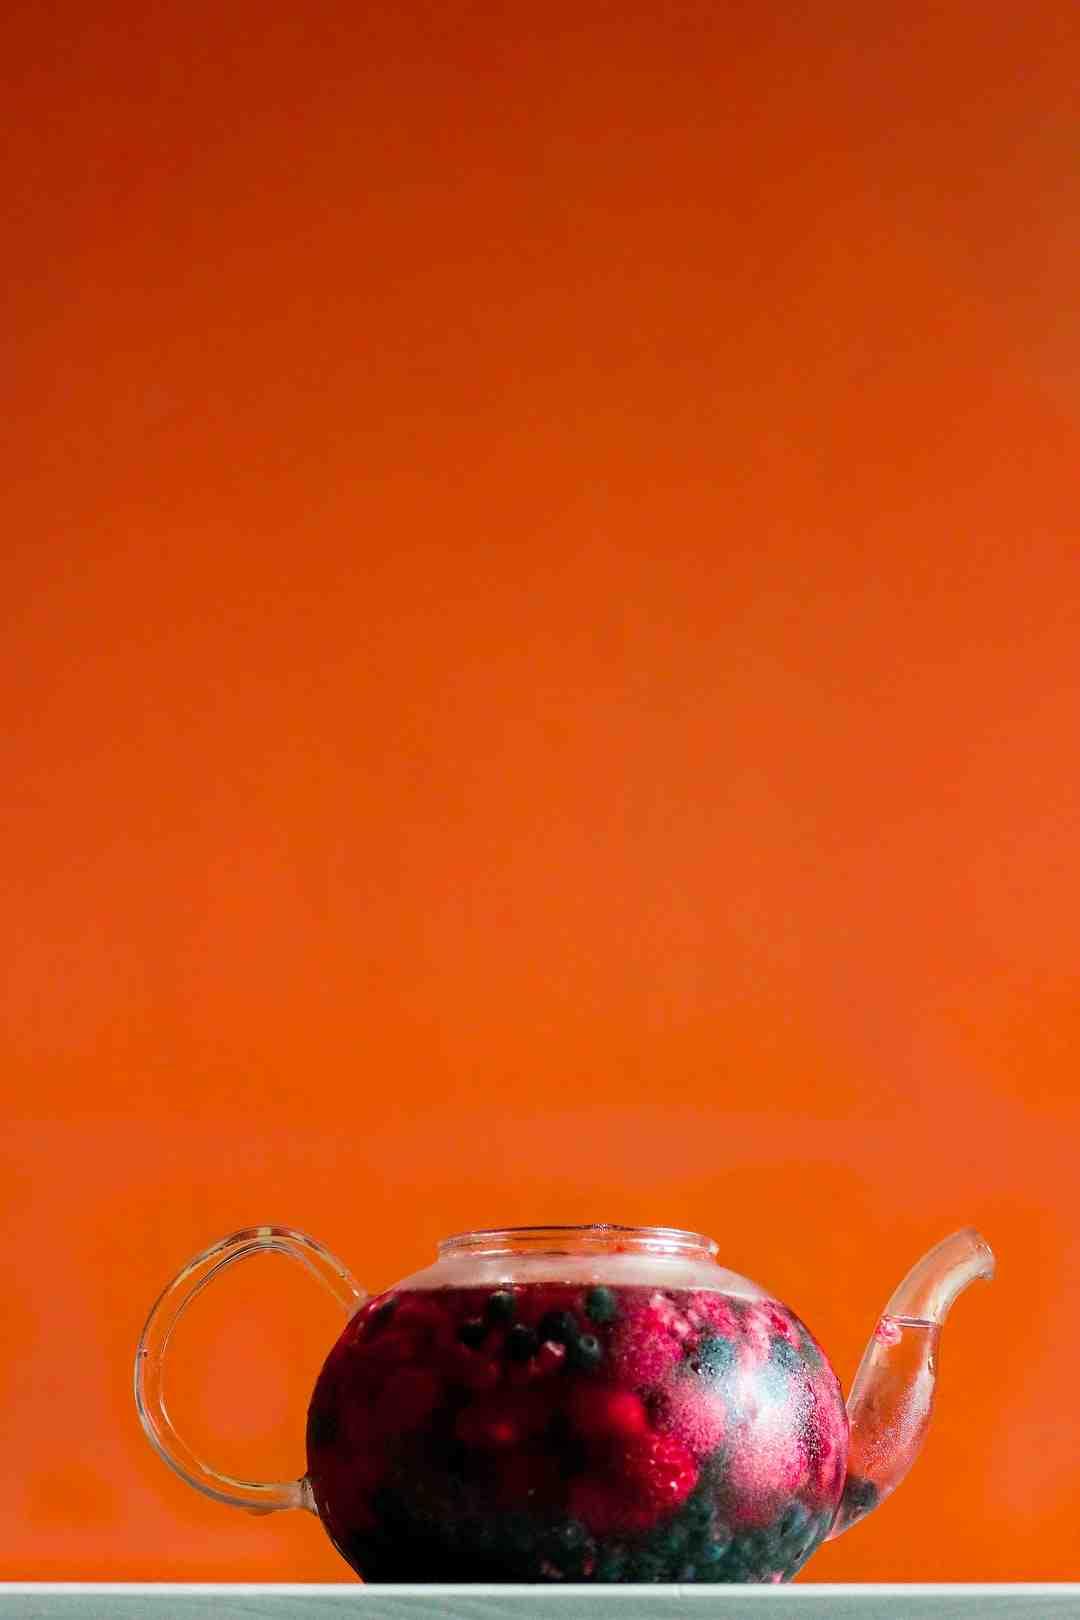 Pourquoi stériliser les pots de confiture?